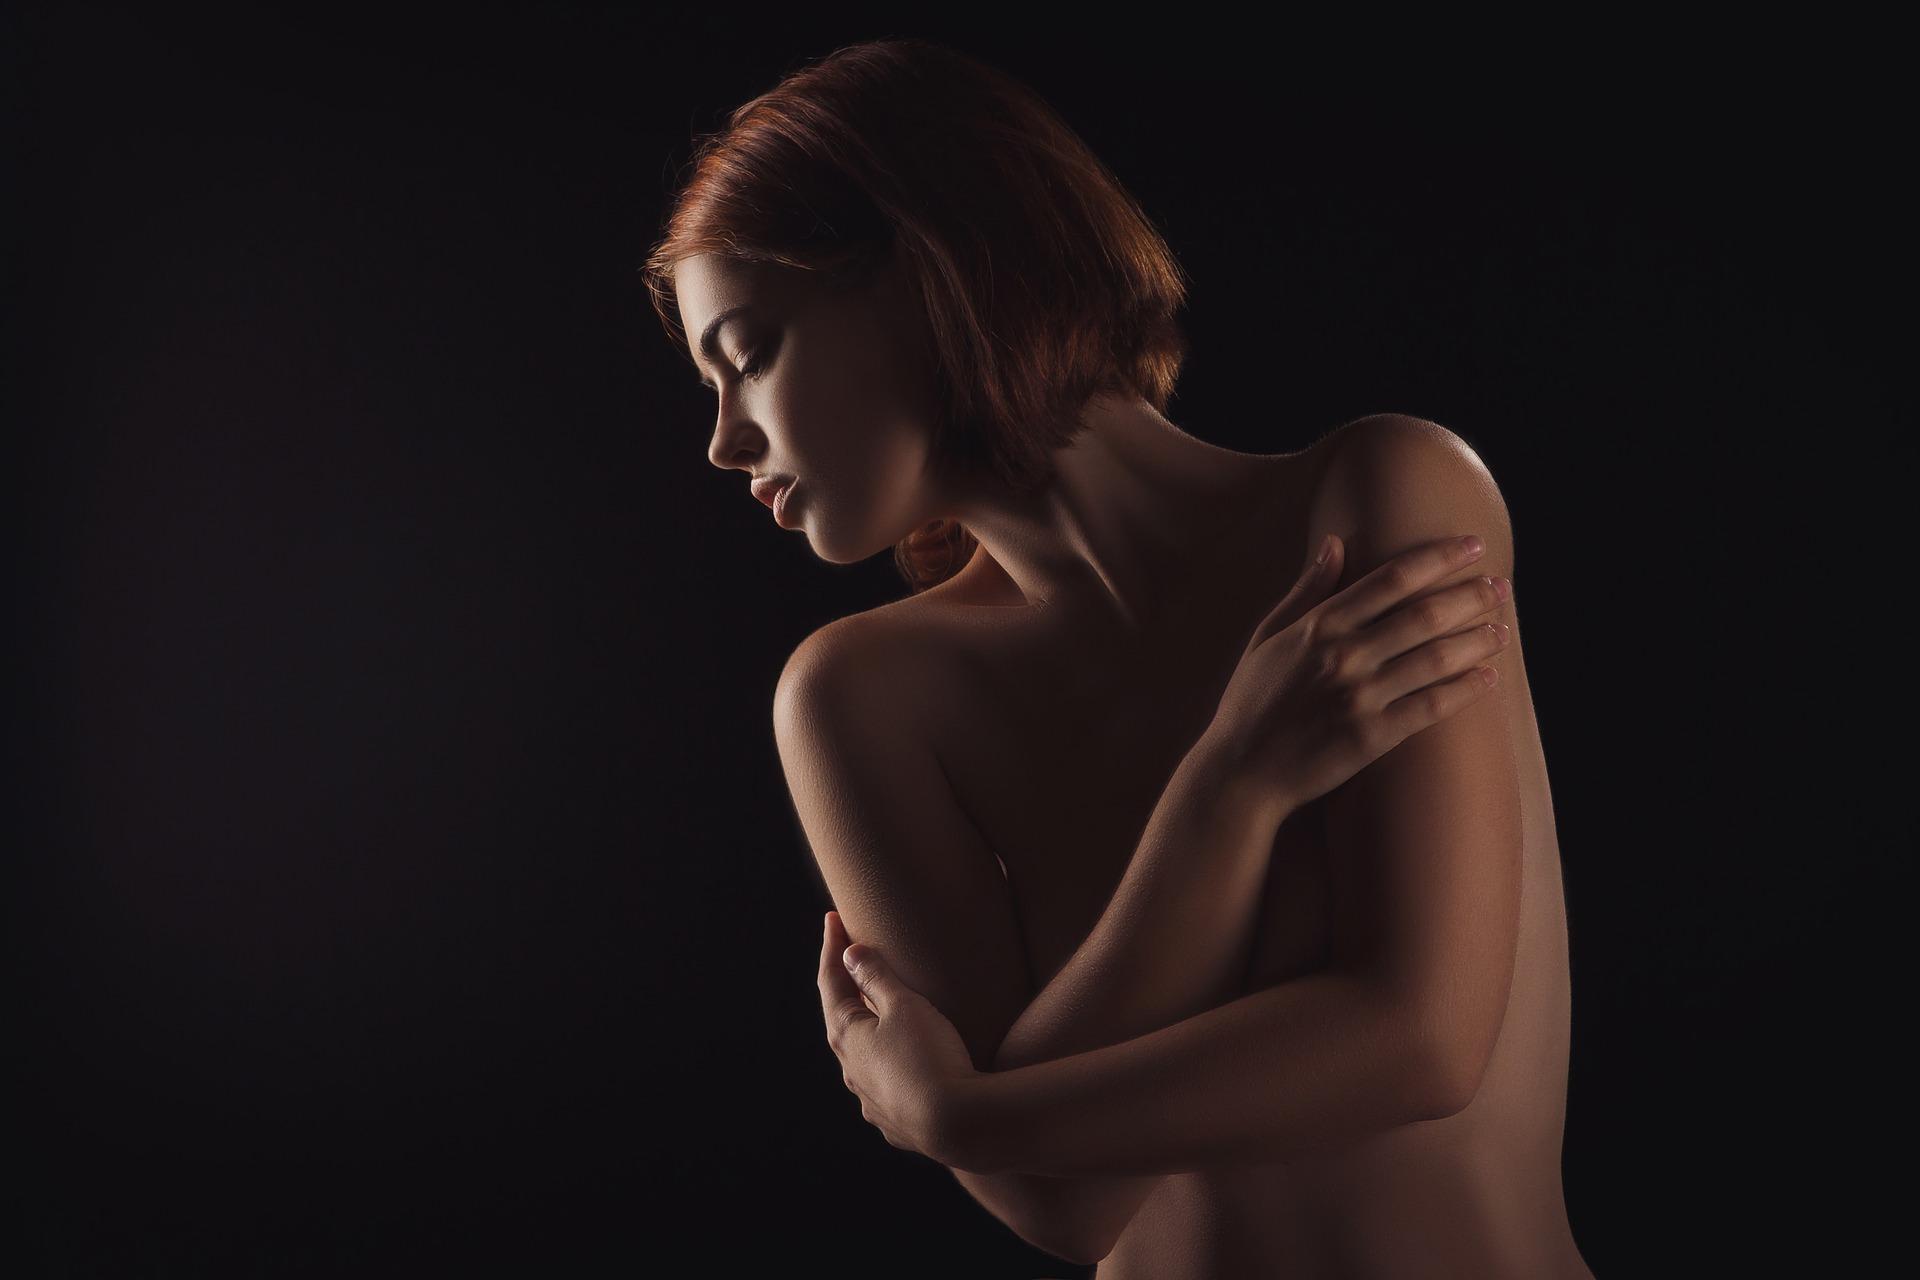 Эротическое HD видео смотреть онлайн бесплатно